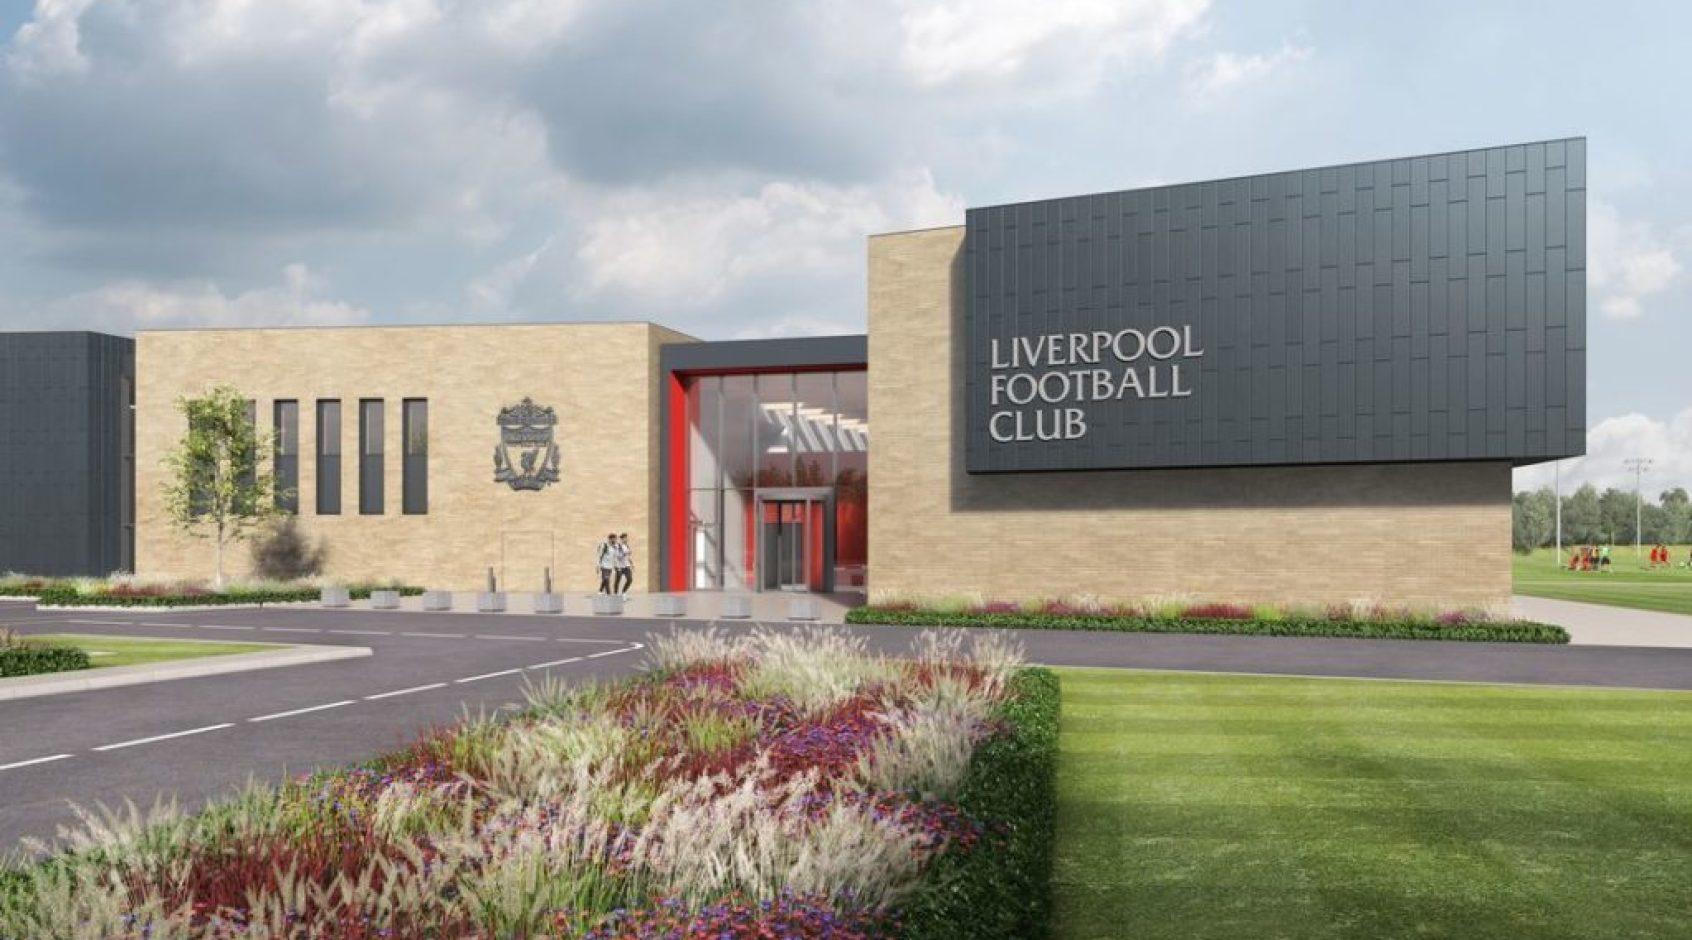 """Прощай, Мелвуд! У """"Ливерпуля"""" будет новый дом"""